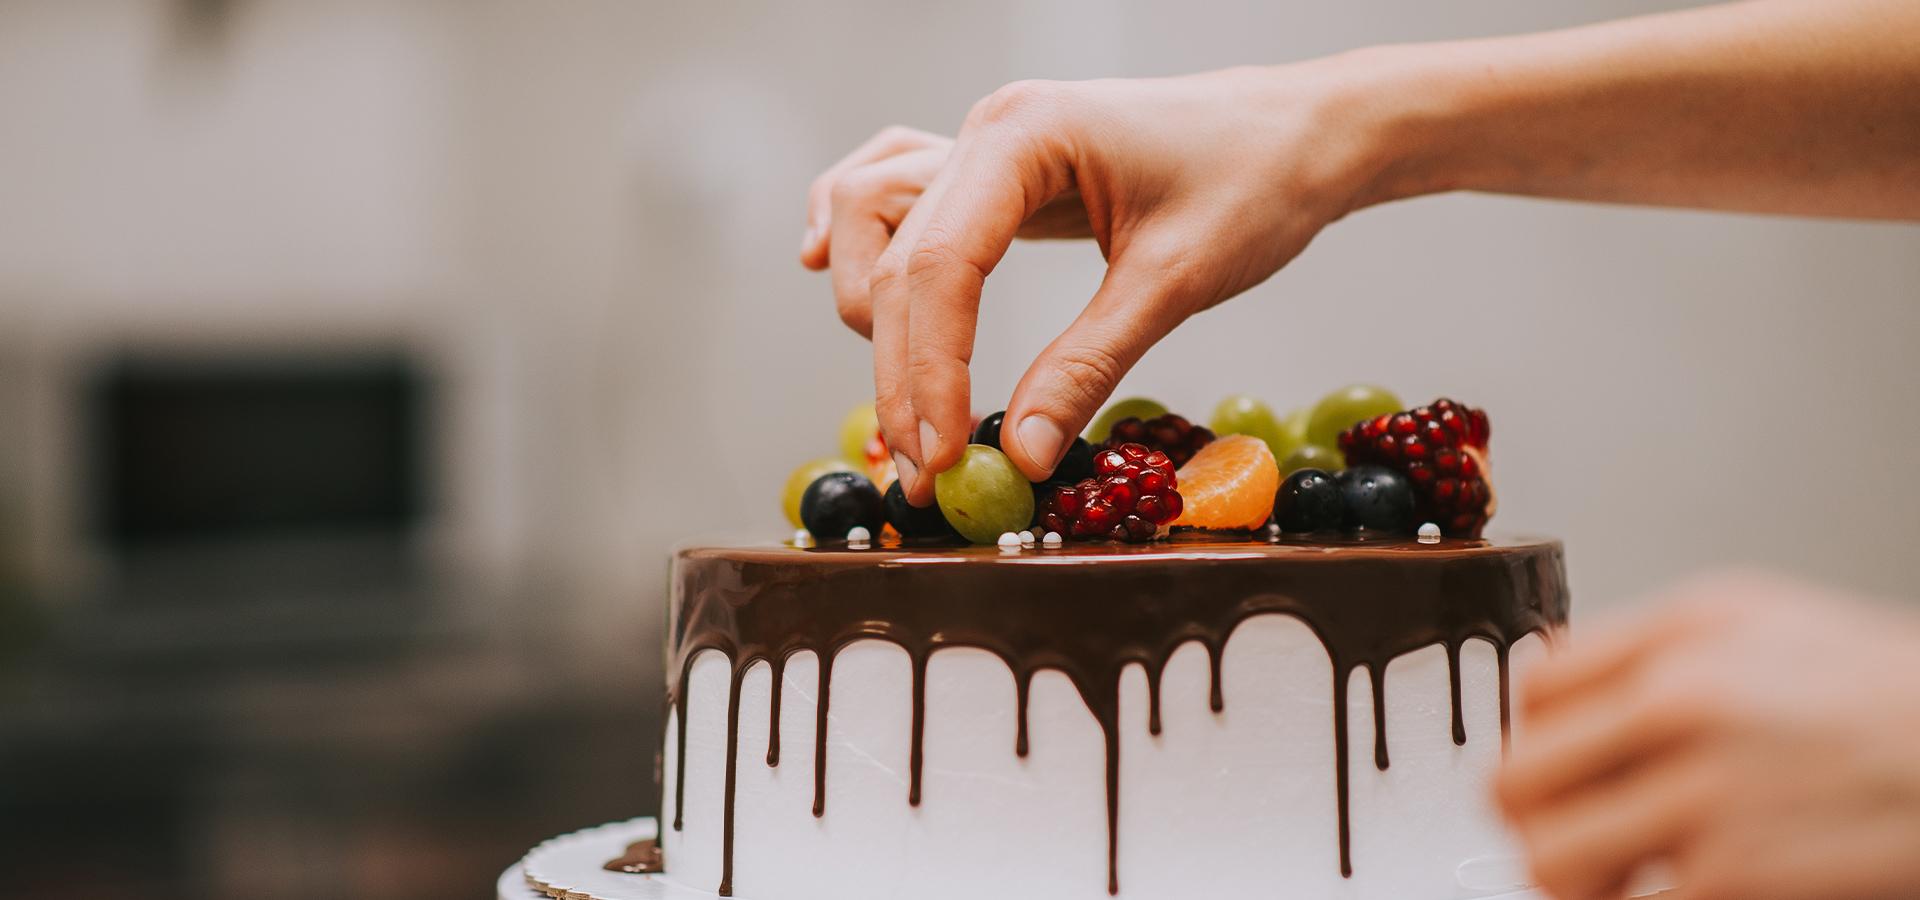 Nahaufnahme - Torte wird mit Früchten verziert